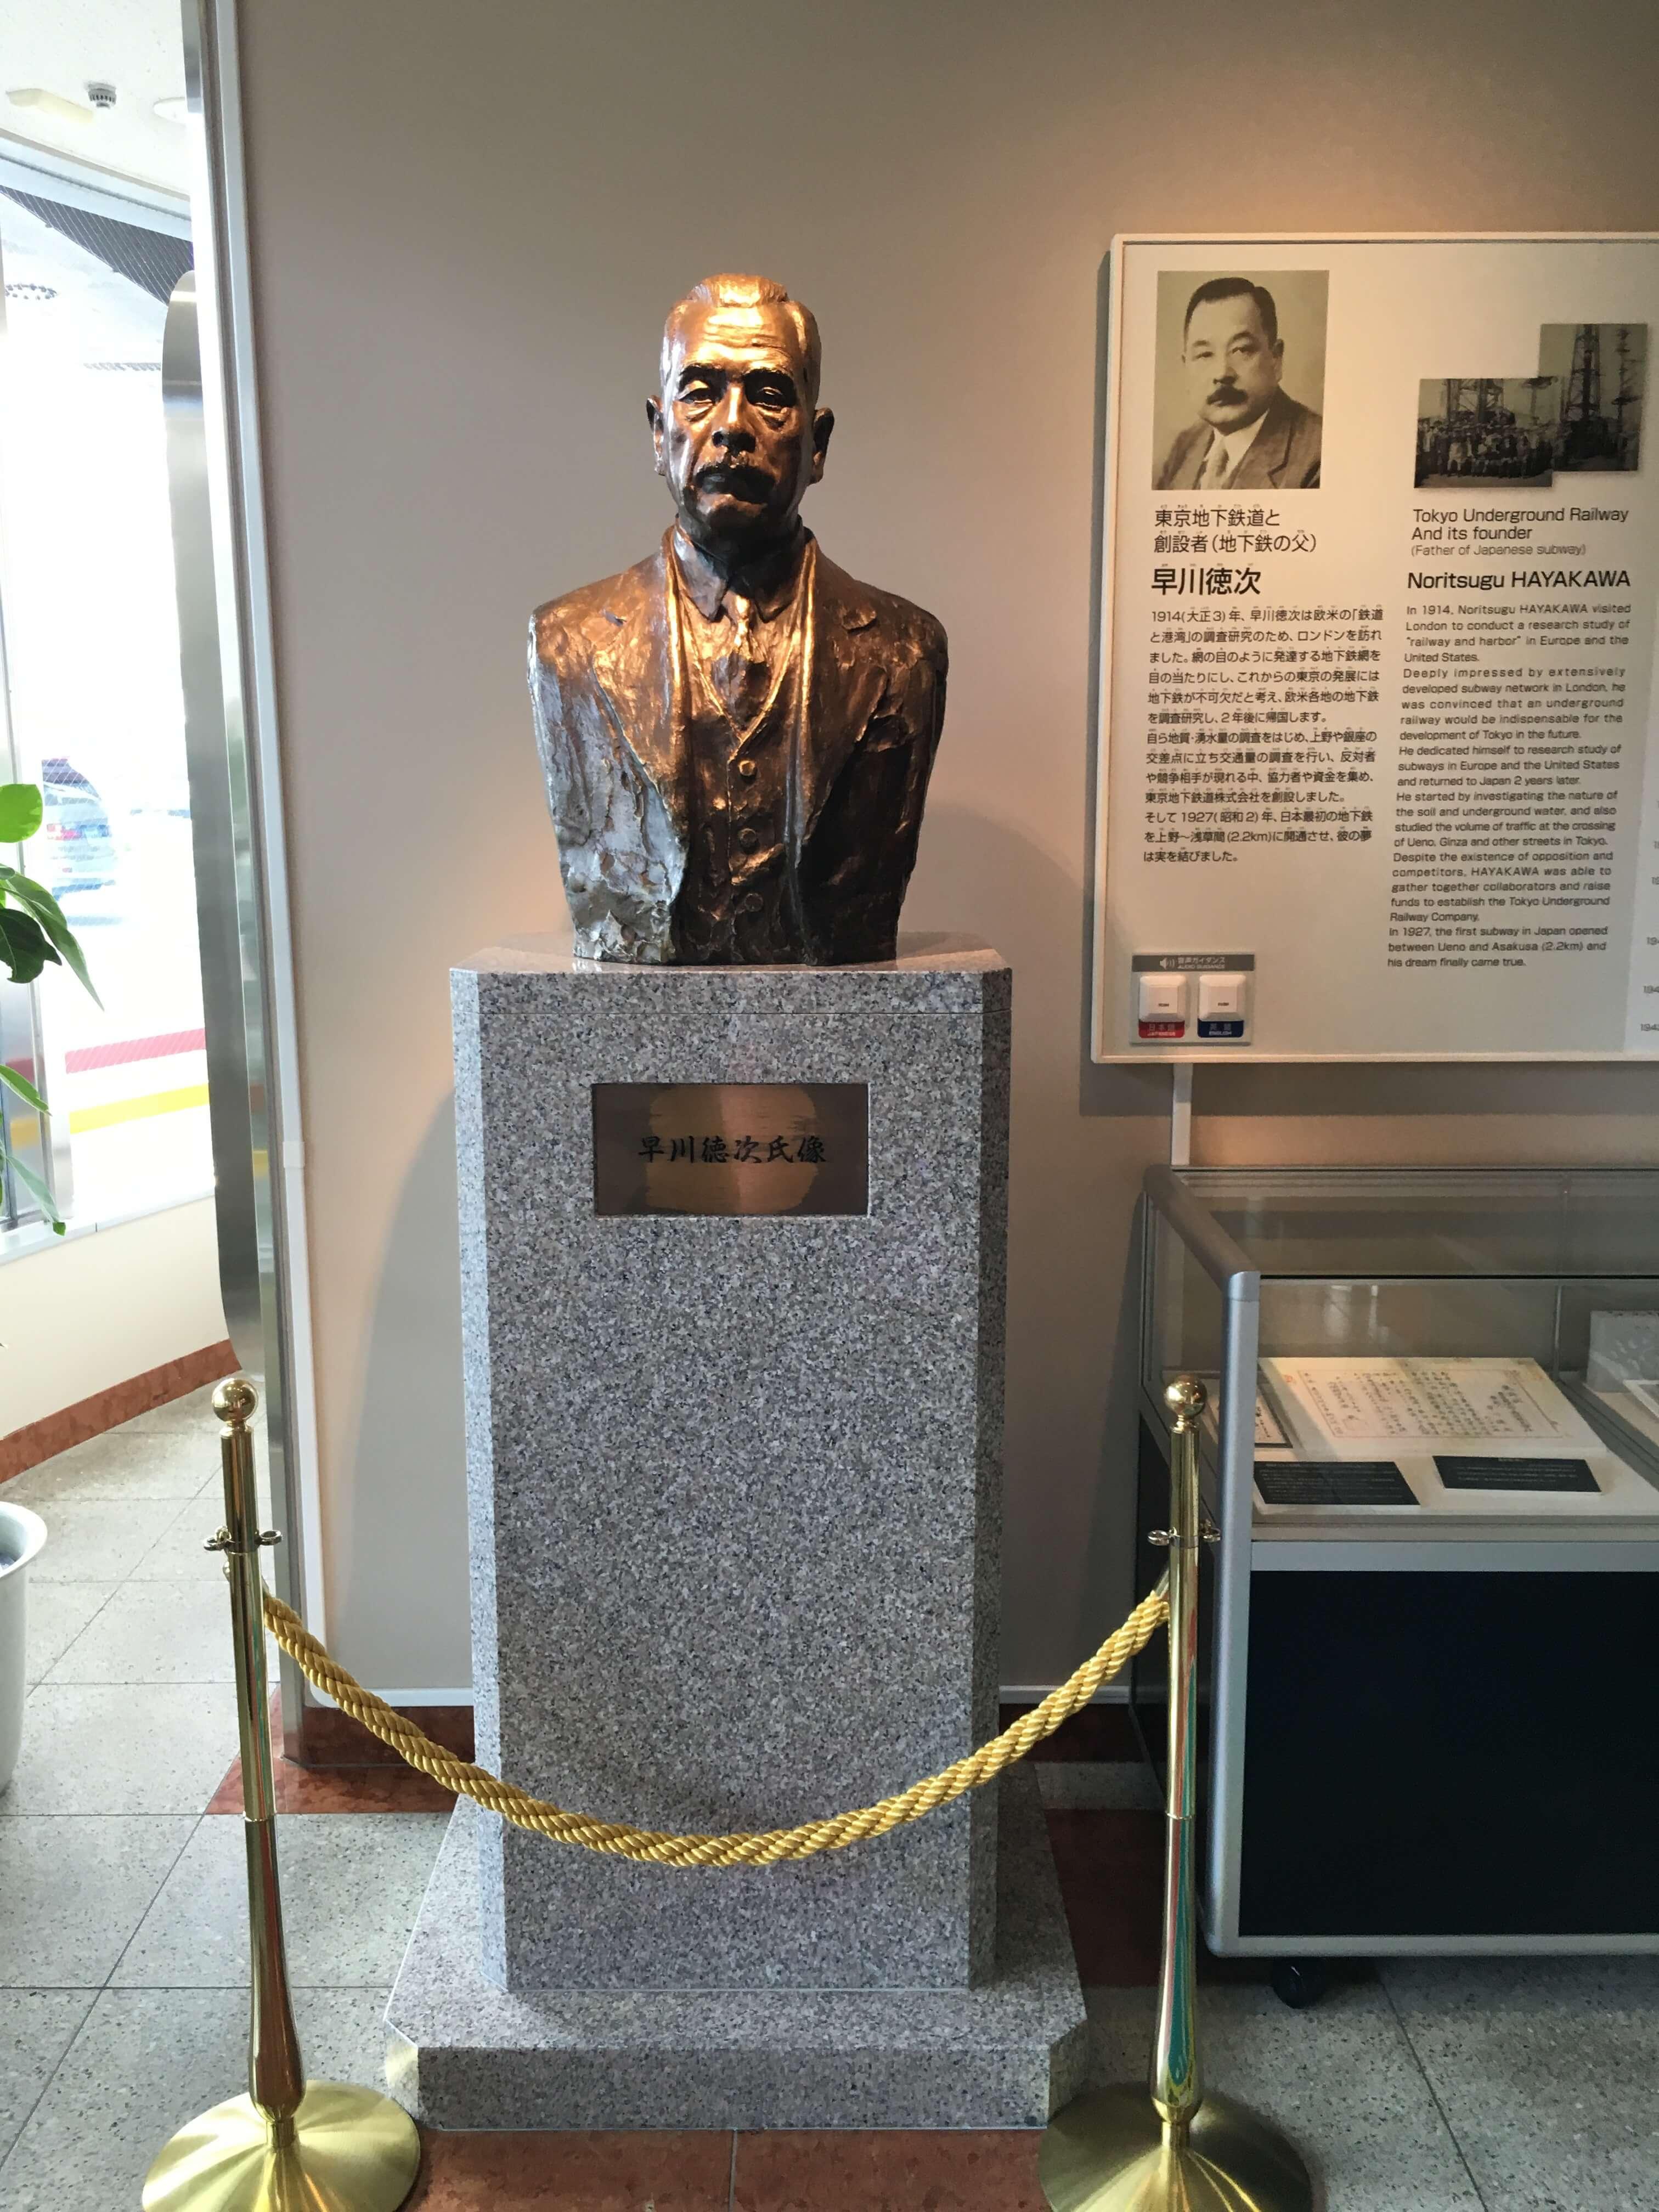 地下鉄博物館 早川徳次の像